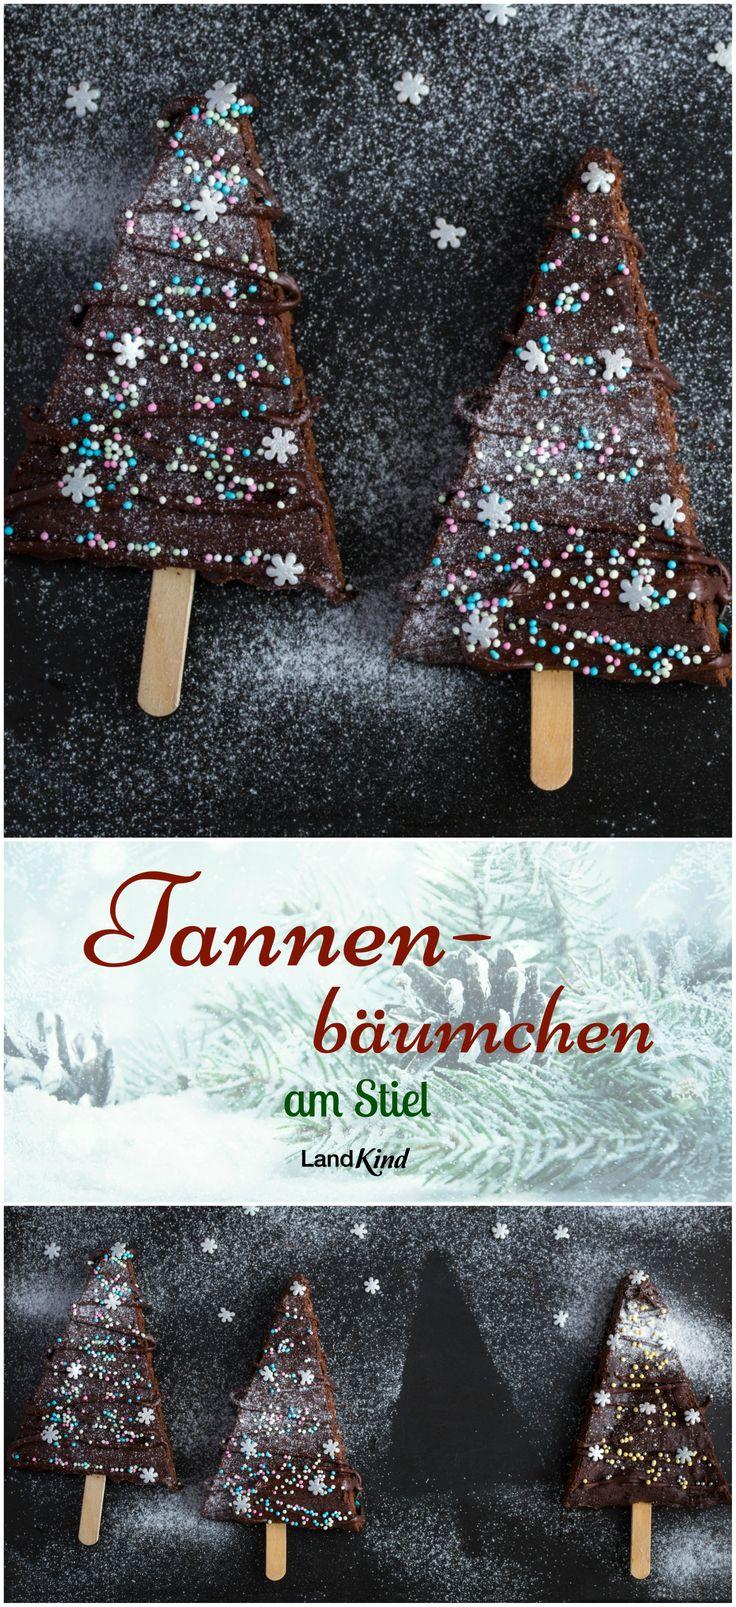 Simpler Schokokuchen wird ganz leicht zur weihnachtlichen Leckerei, wenn man ihn mit Kuvertüre, Zuckerperlen und Puderzucker zum Weihnachtsbaum herrichtet. Mit dem praktischen Stiel bekommt das Bäumchen auch noch einen Stamm.